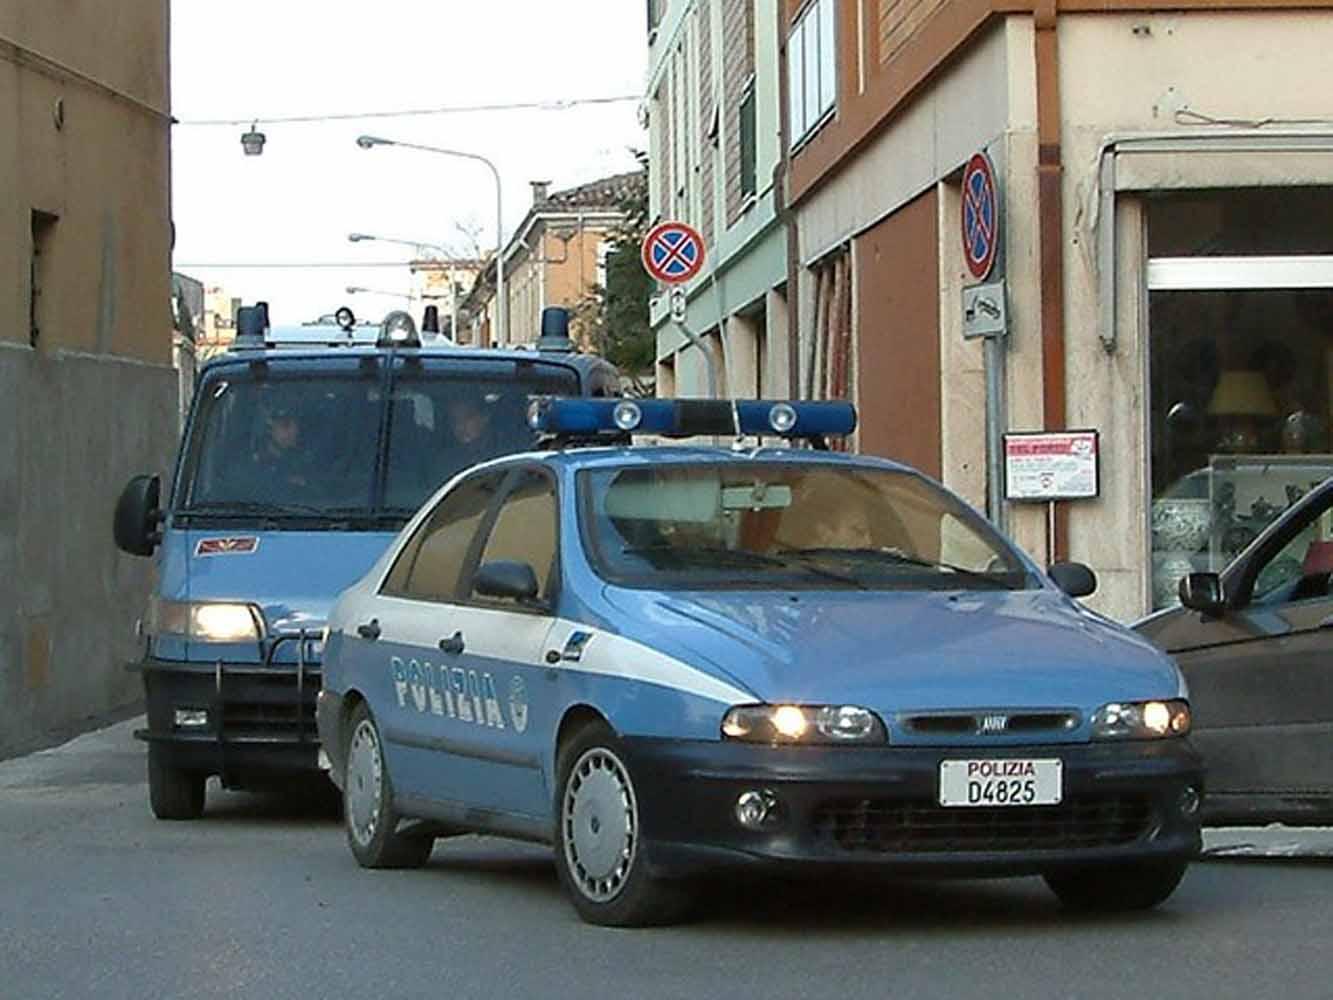 Dalla Riviera Romagnola ad Agrigento: 29 arresti in tutta Italia, 40 le perquisizioni. Gestivano traffico di droga